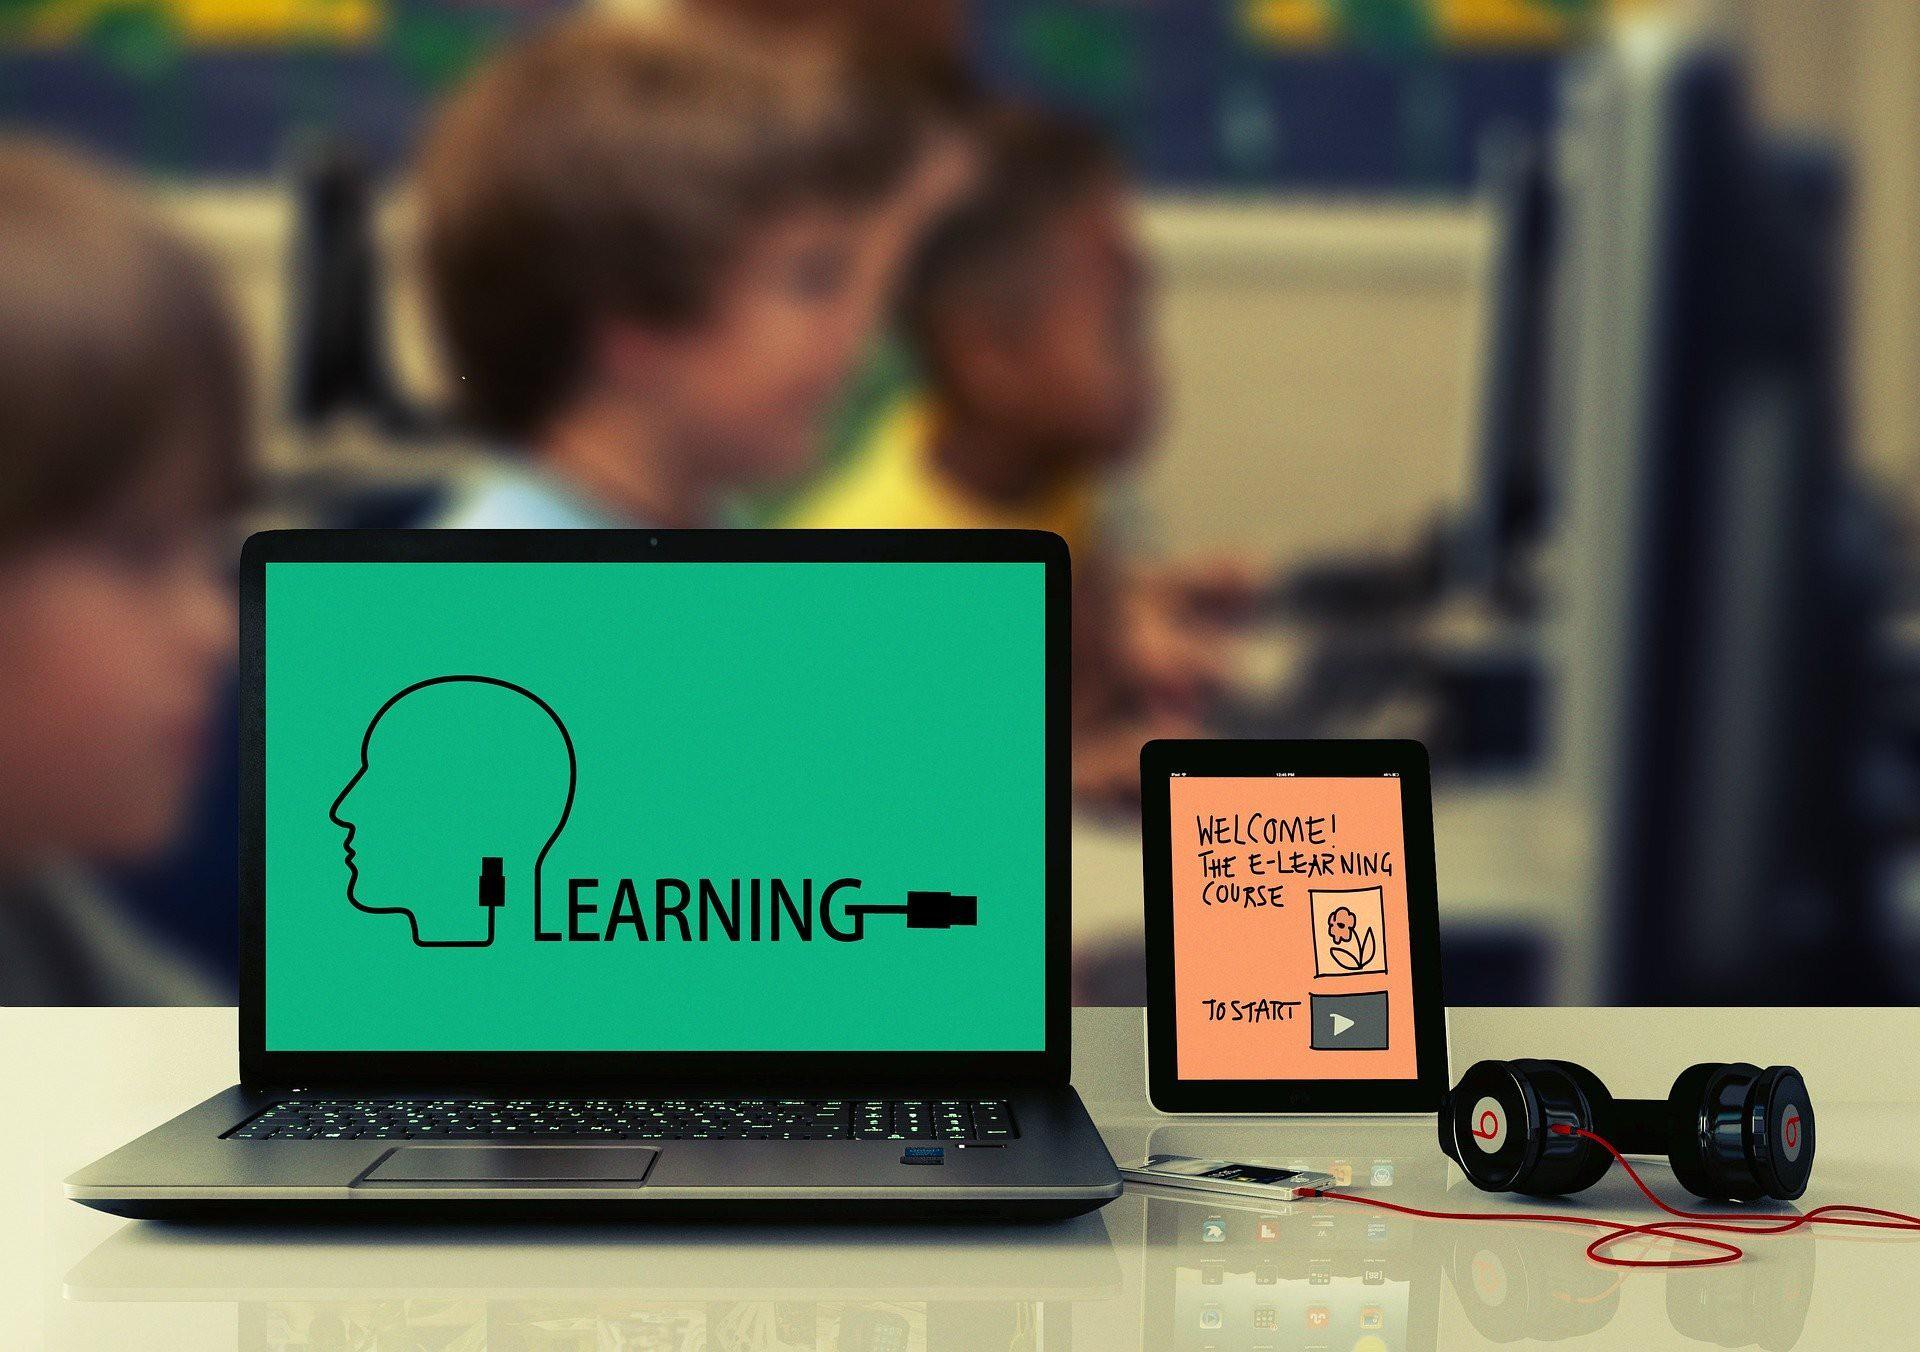 オンライン遠隔授業、eラーニングの導入に必要な契約書、約款・規約類